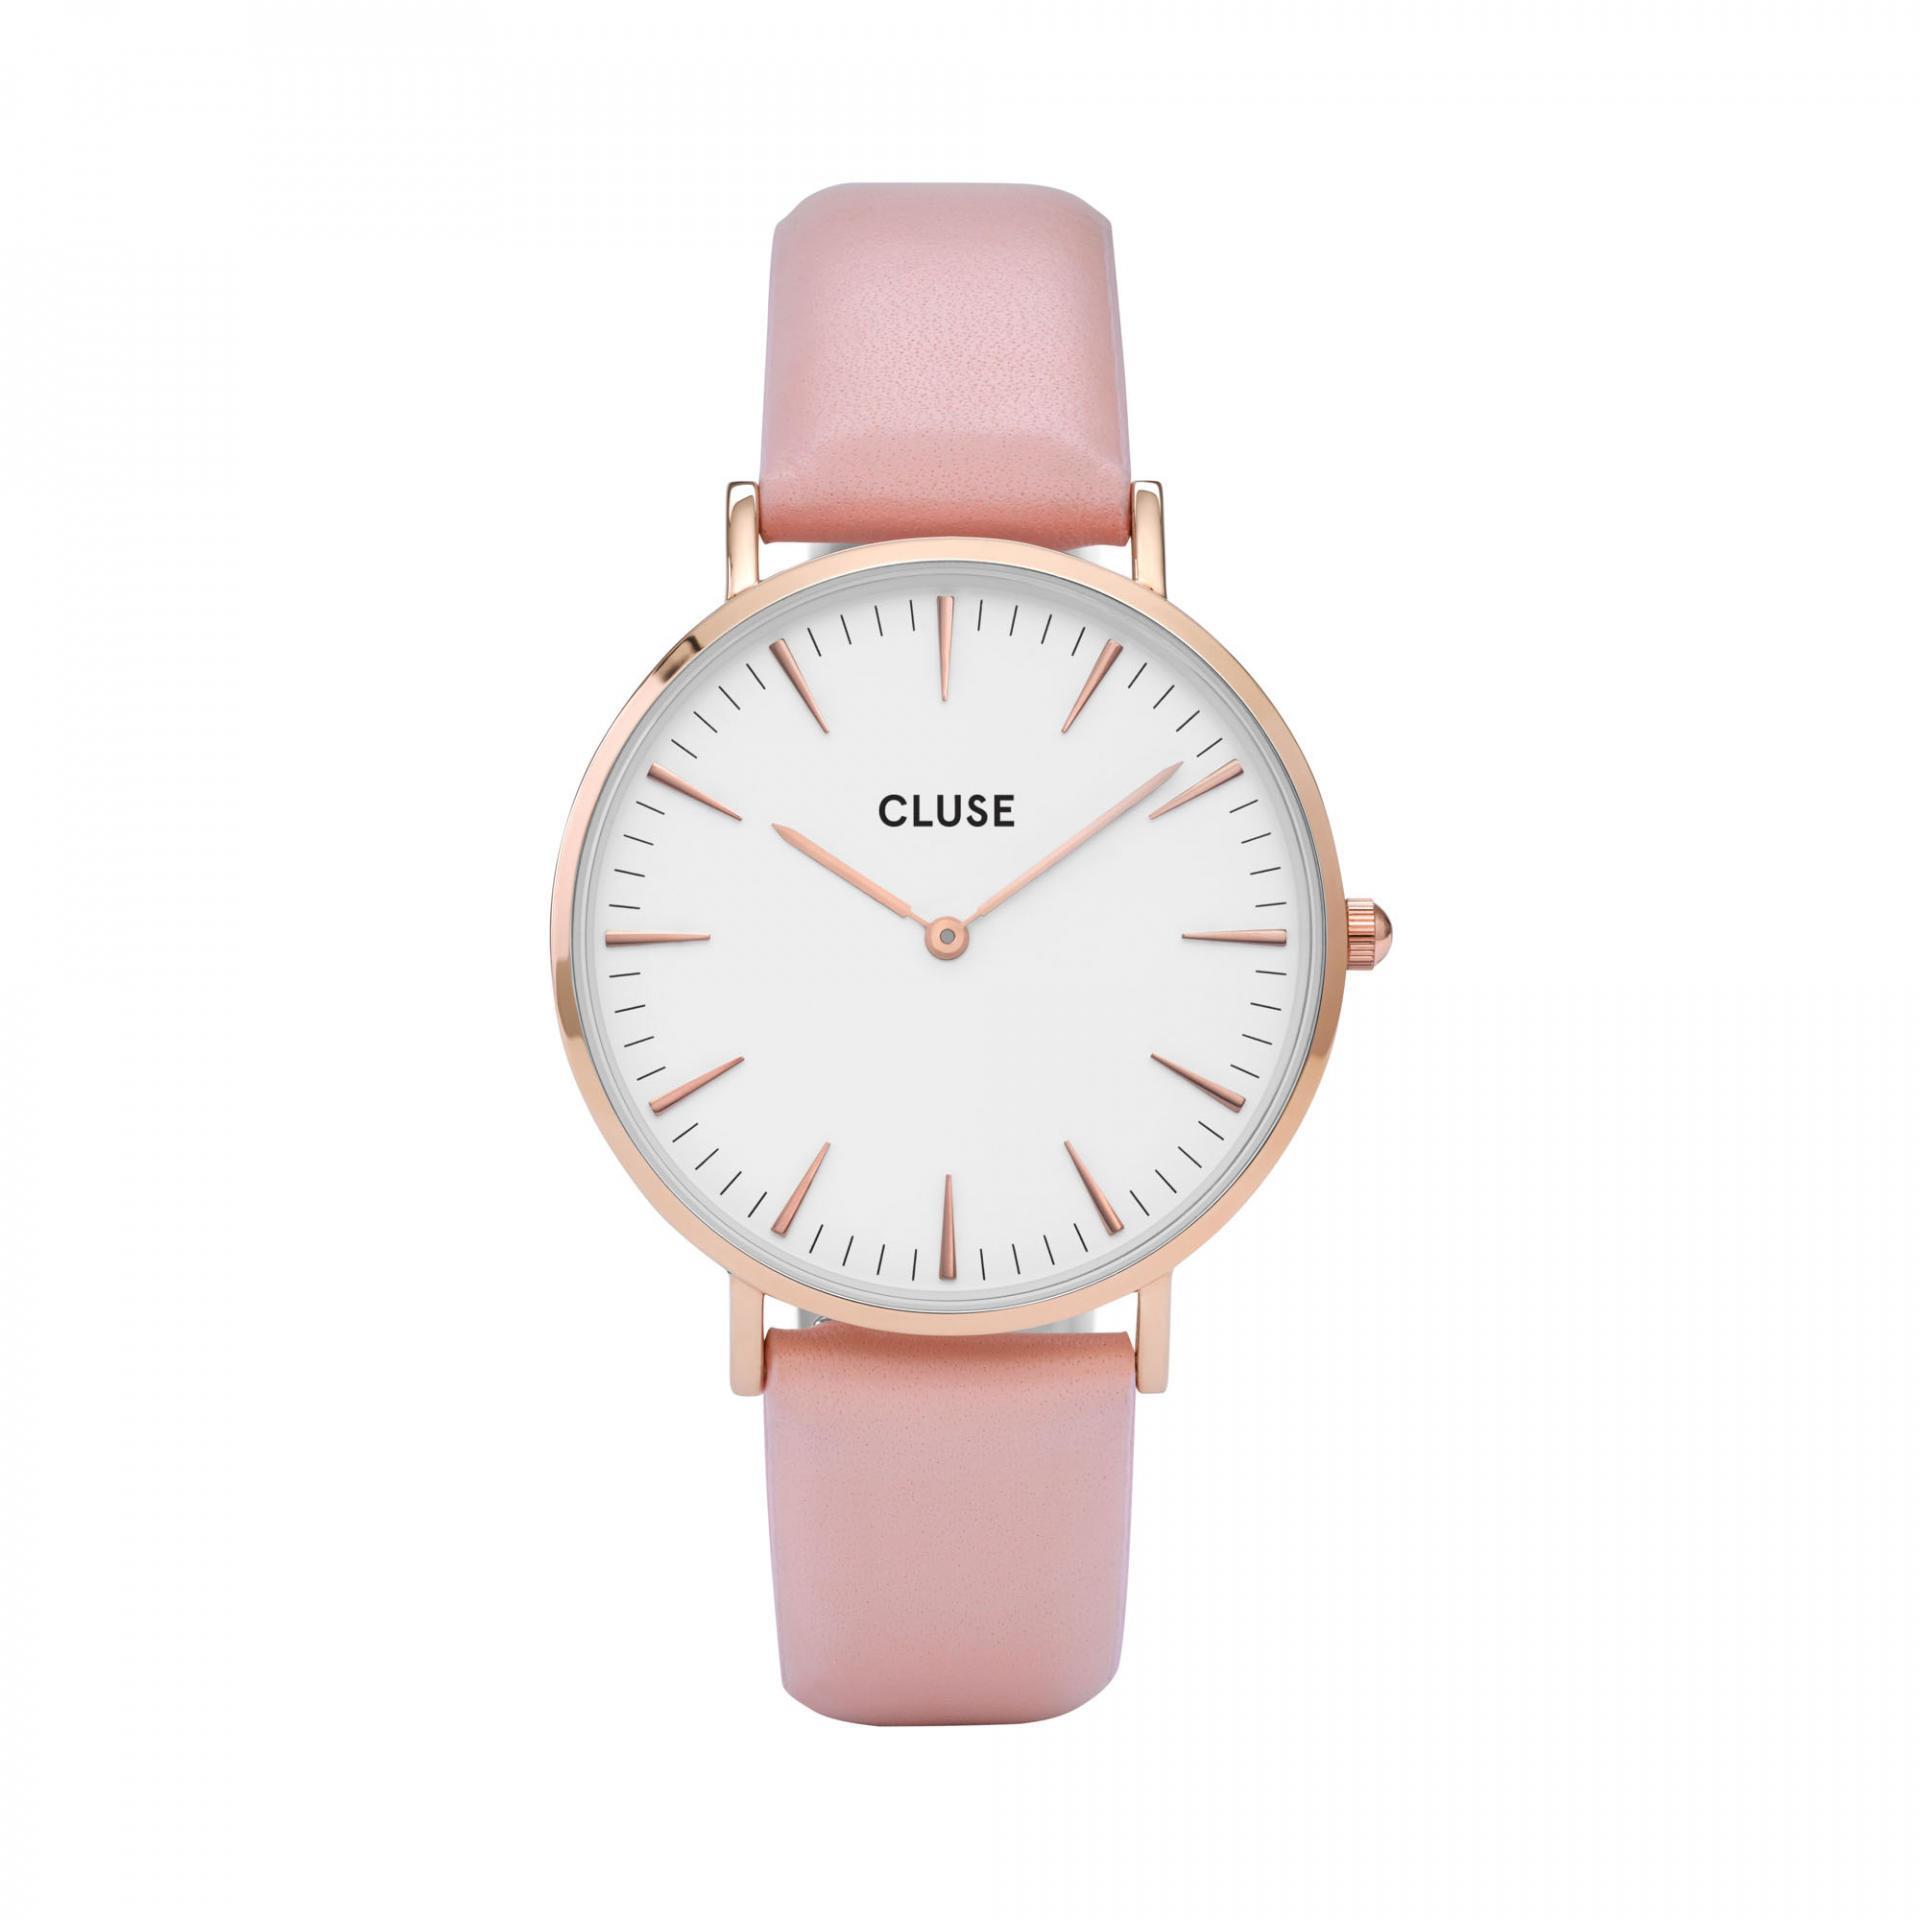 CLUSE Hodinky Cluse La Bohéme Rose Gold white/pink, růžová barva, bílá barva, sklo, kov, kůže